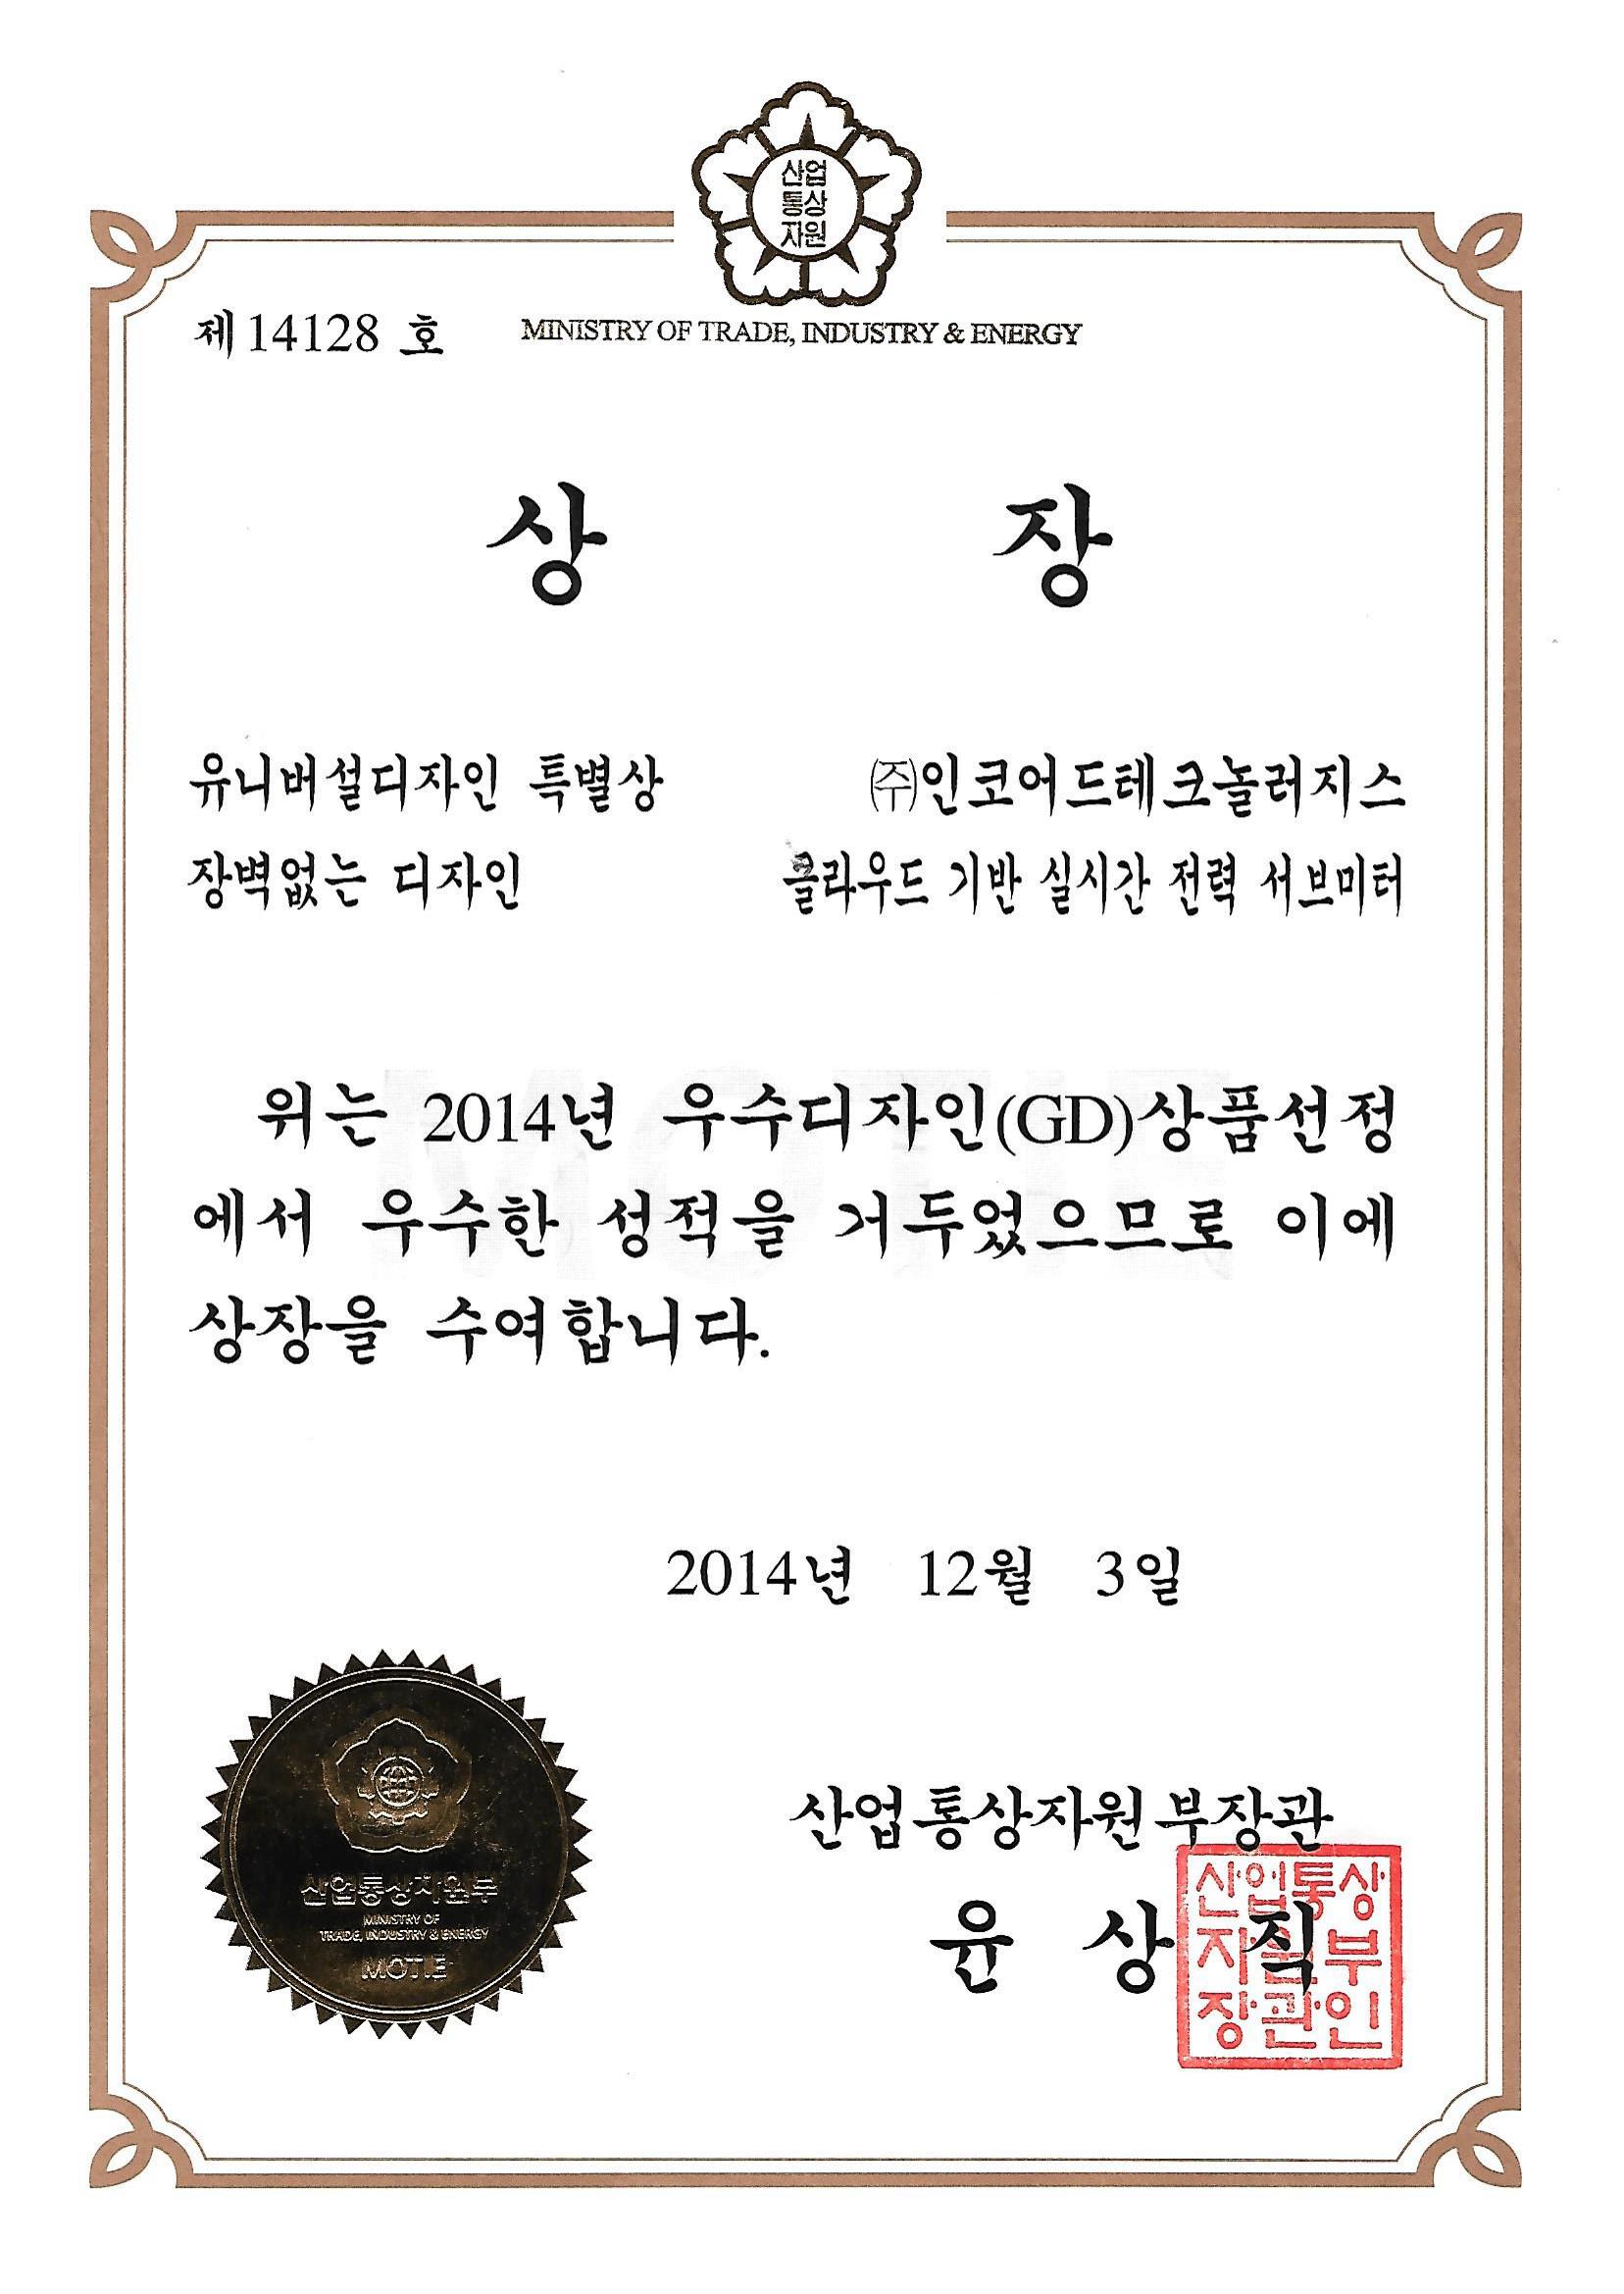 유니버셜디자인-특별상장_20141203-1